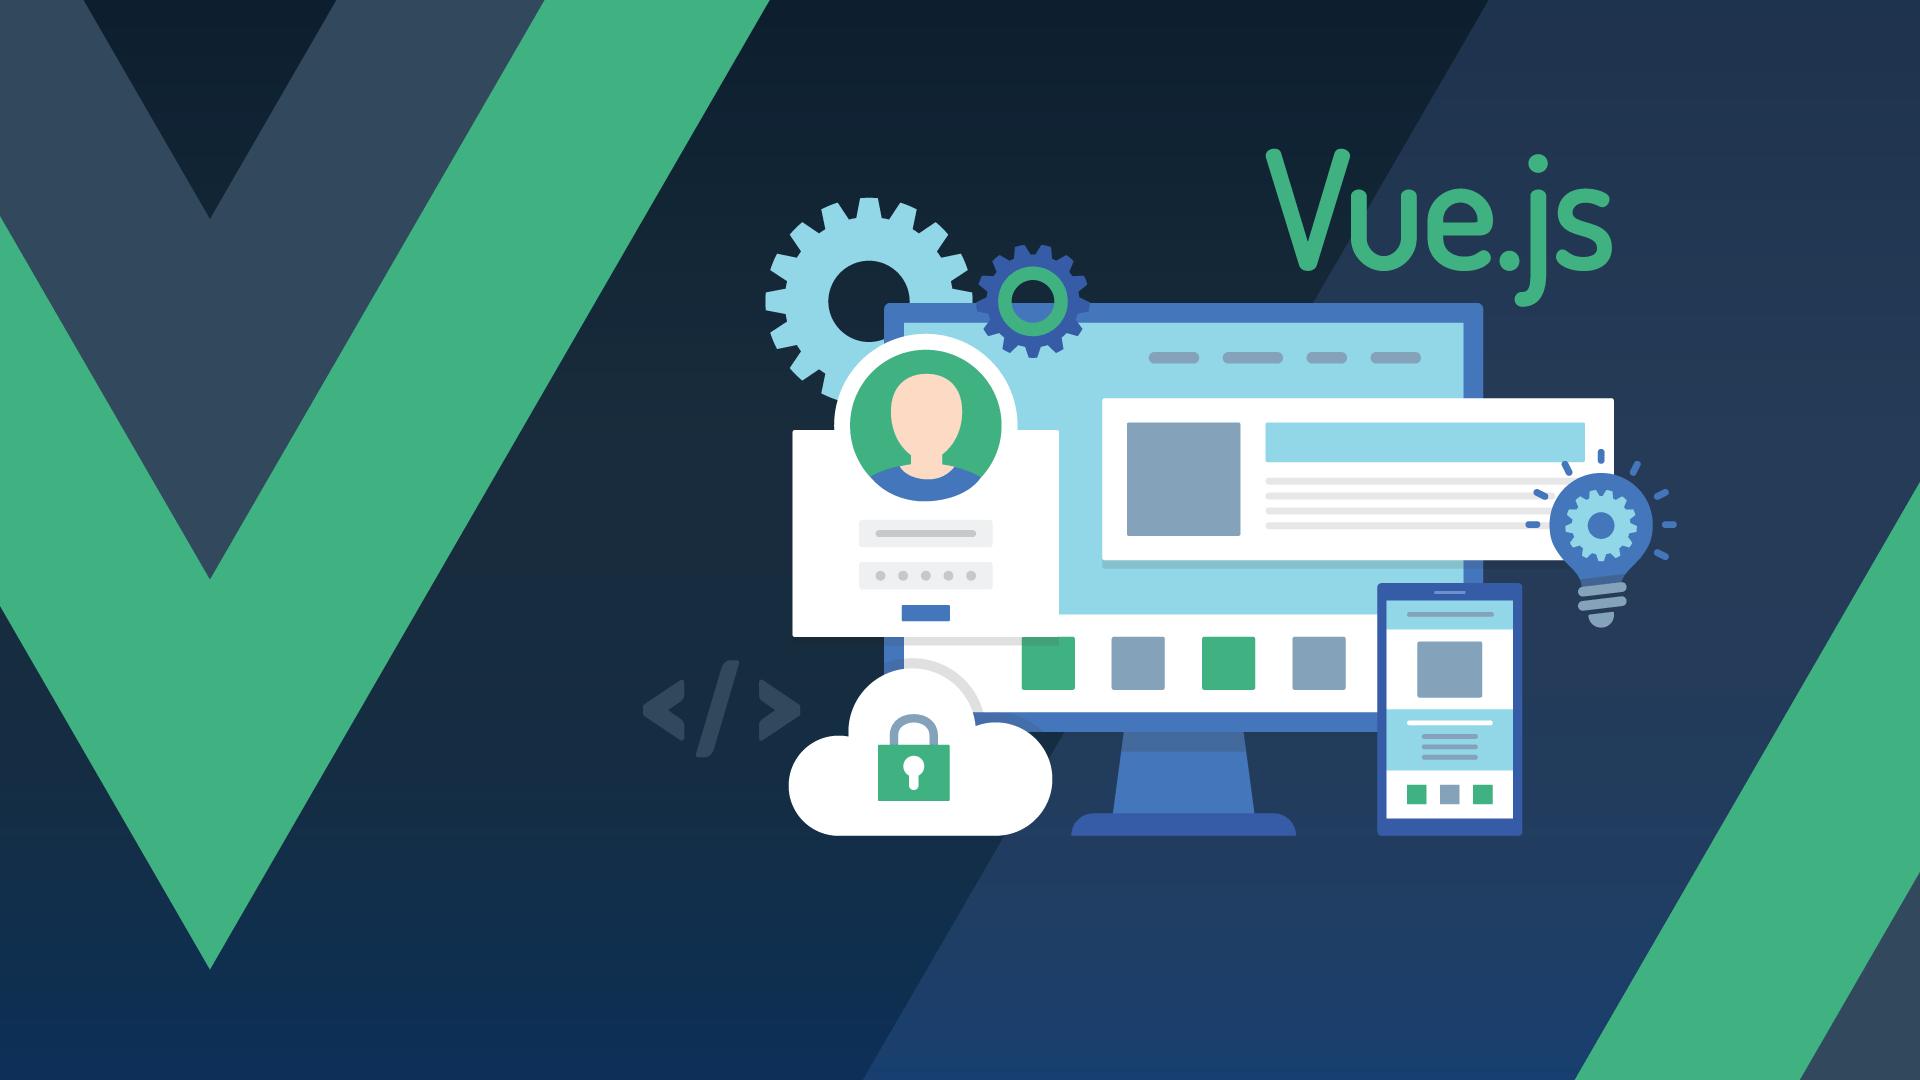 Vue.js Review: Pros & Cons, Comparison